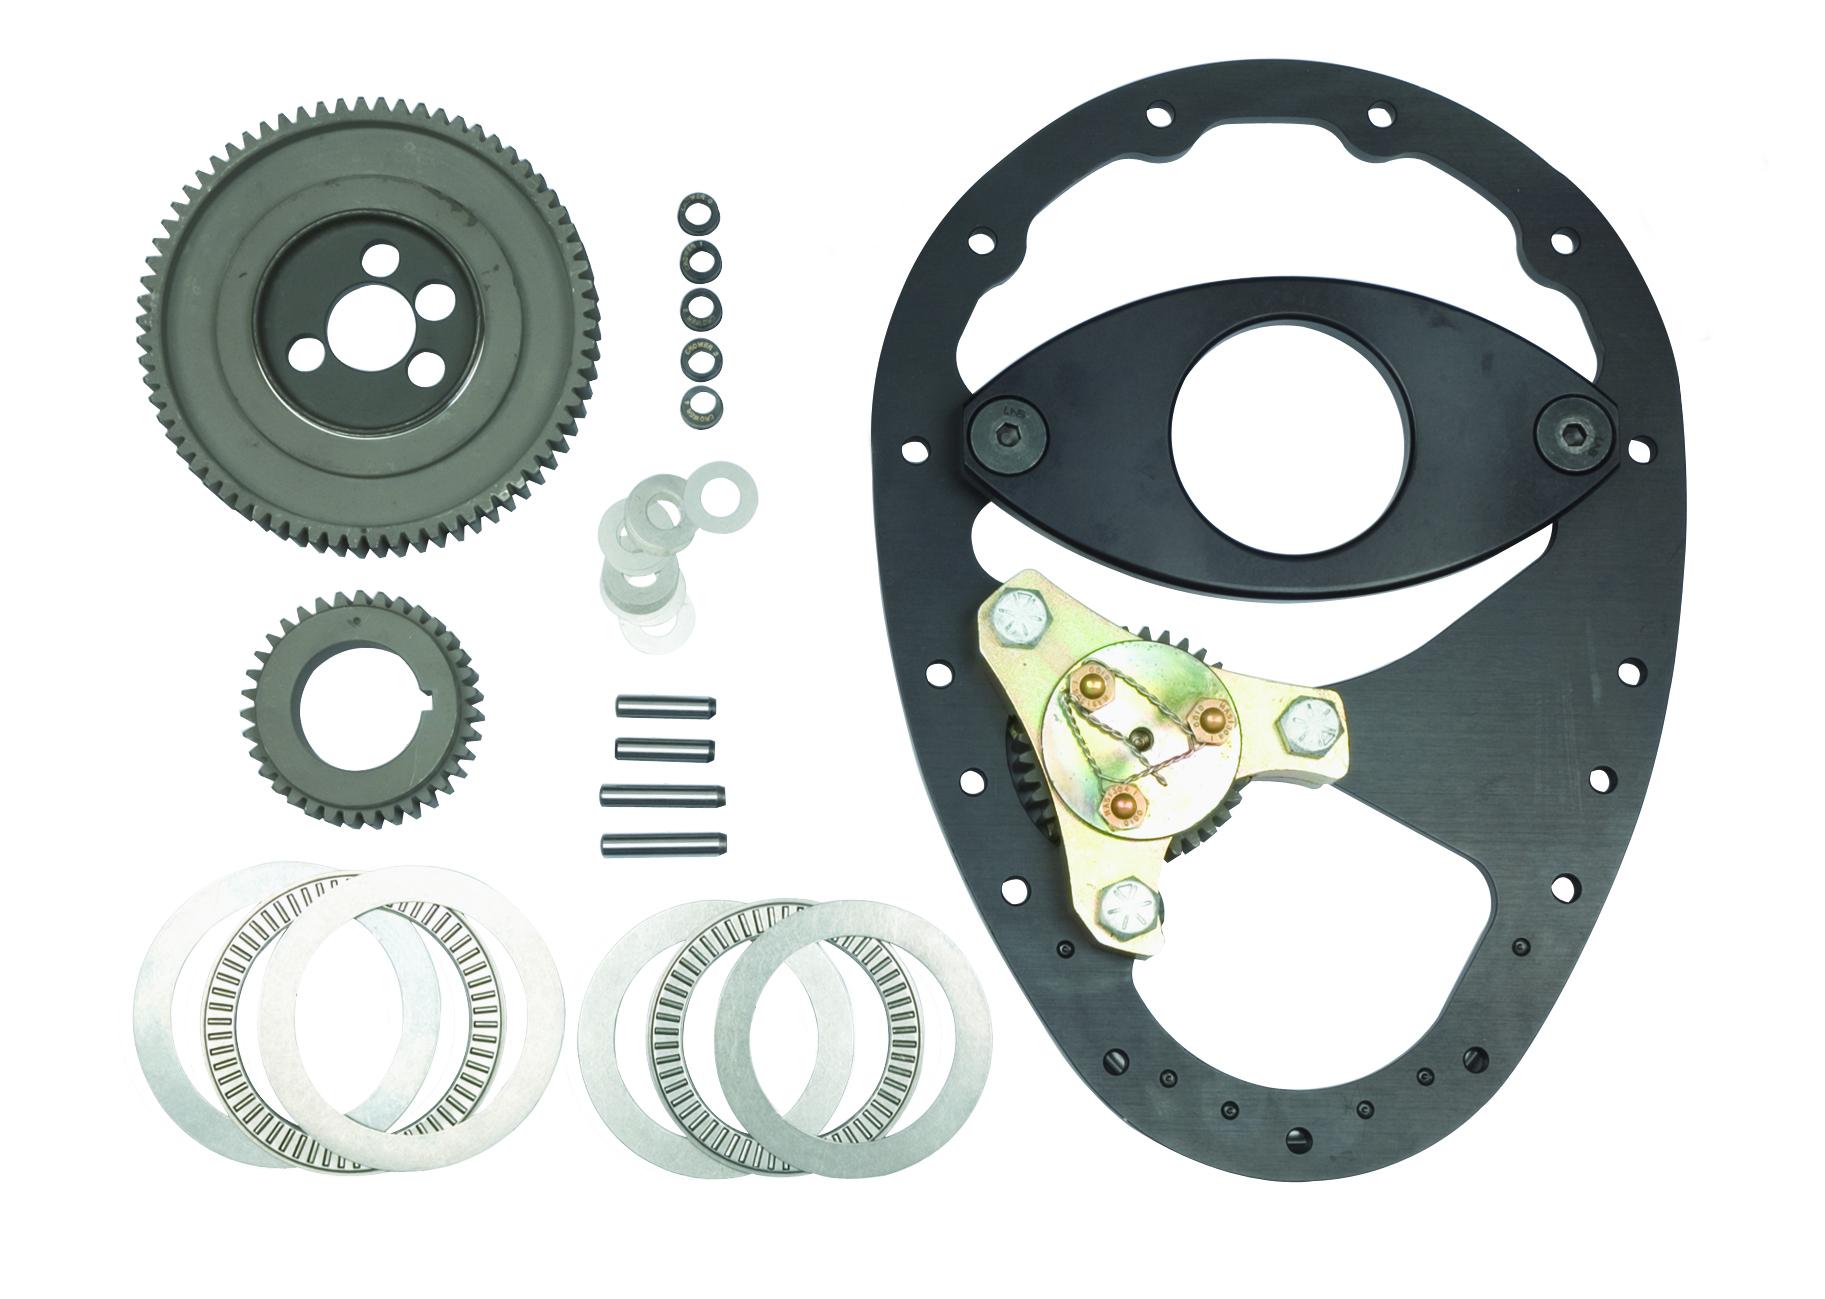 Allstar Performance Gear Drive Assembly Standard Cam